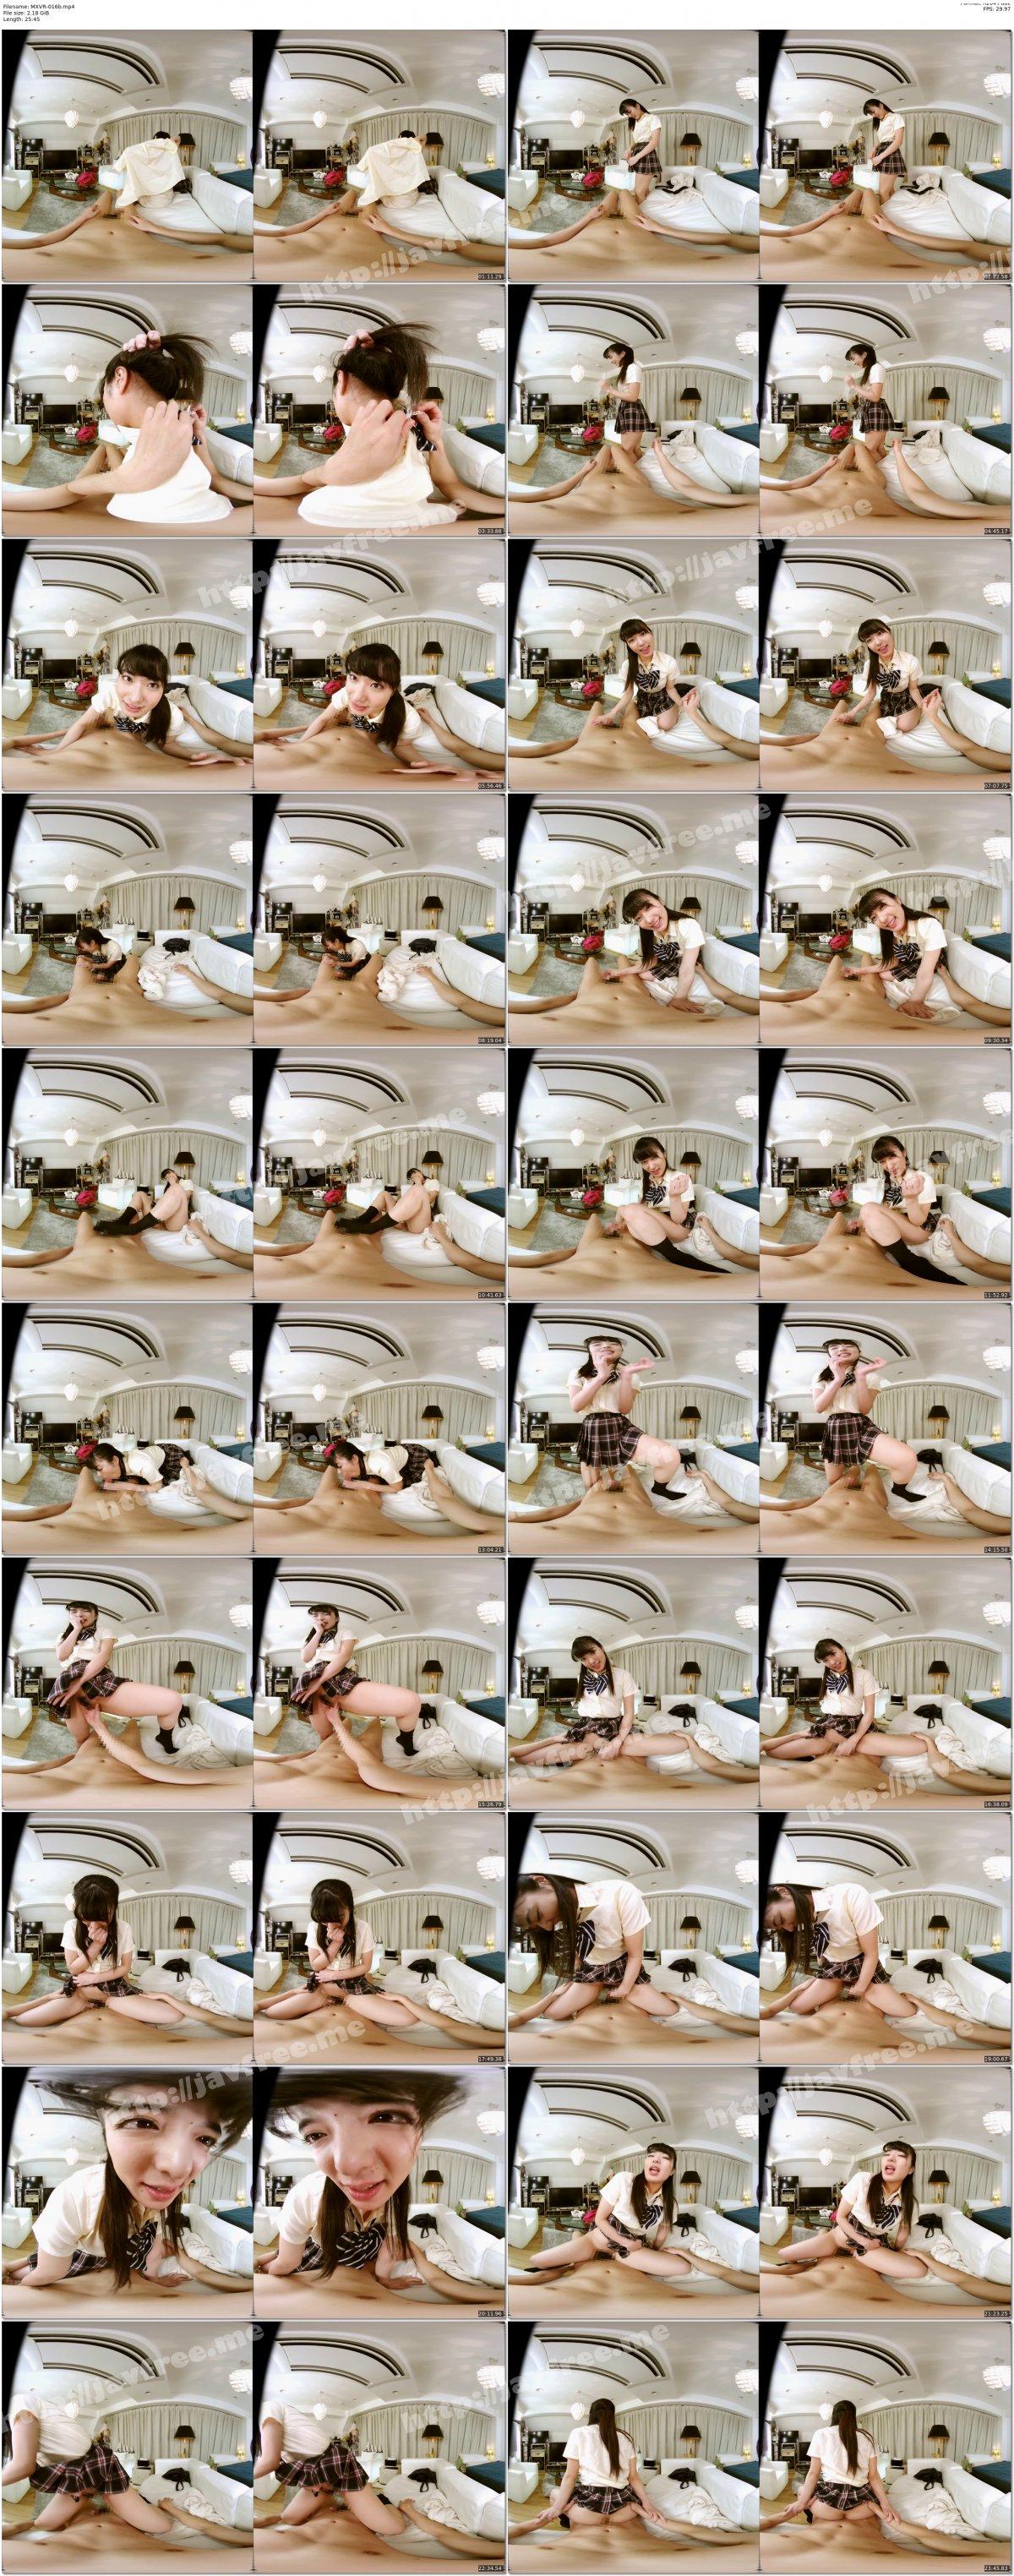 [MXVR-016] 【VR】AV女優がデリヘル譲でやってきた。~制服コスプレで恥かしそうな彼女の魅力~【由愛可奈】 - image MXVR-016b on https://javfree.me